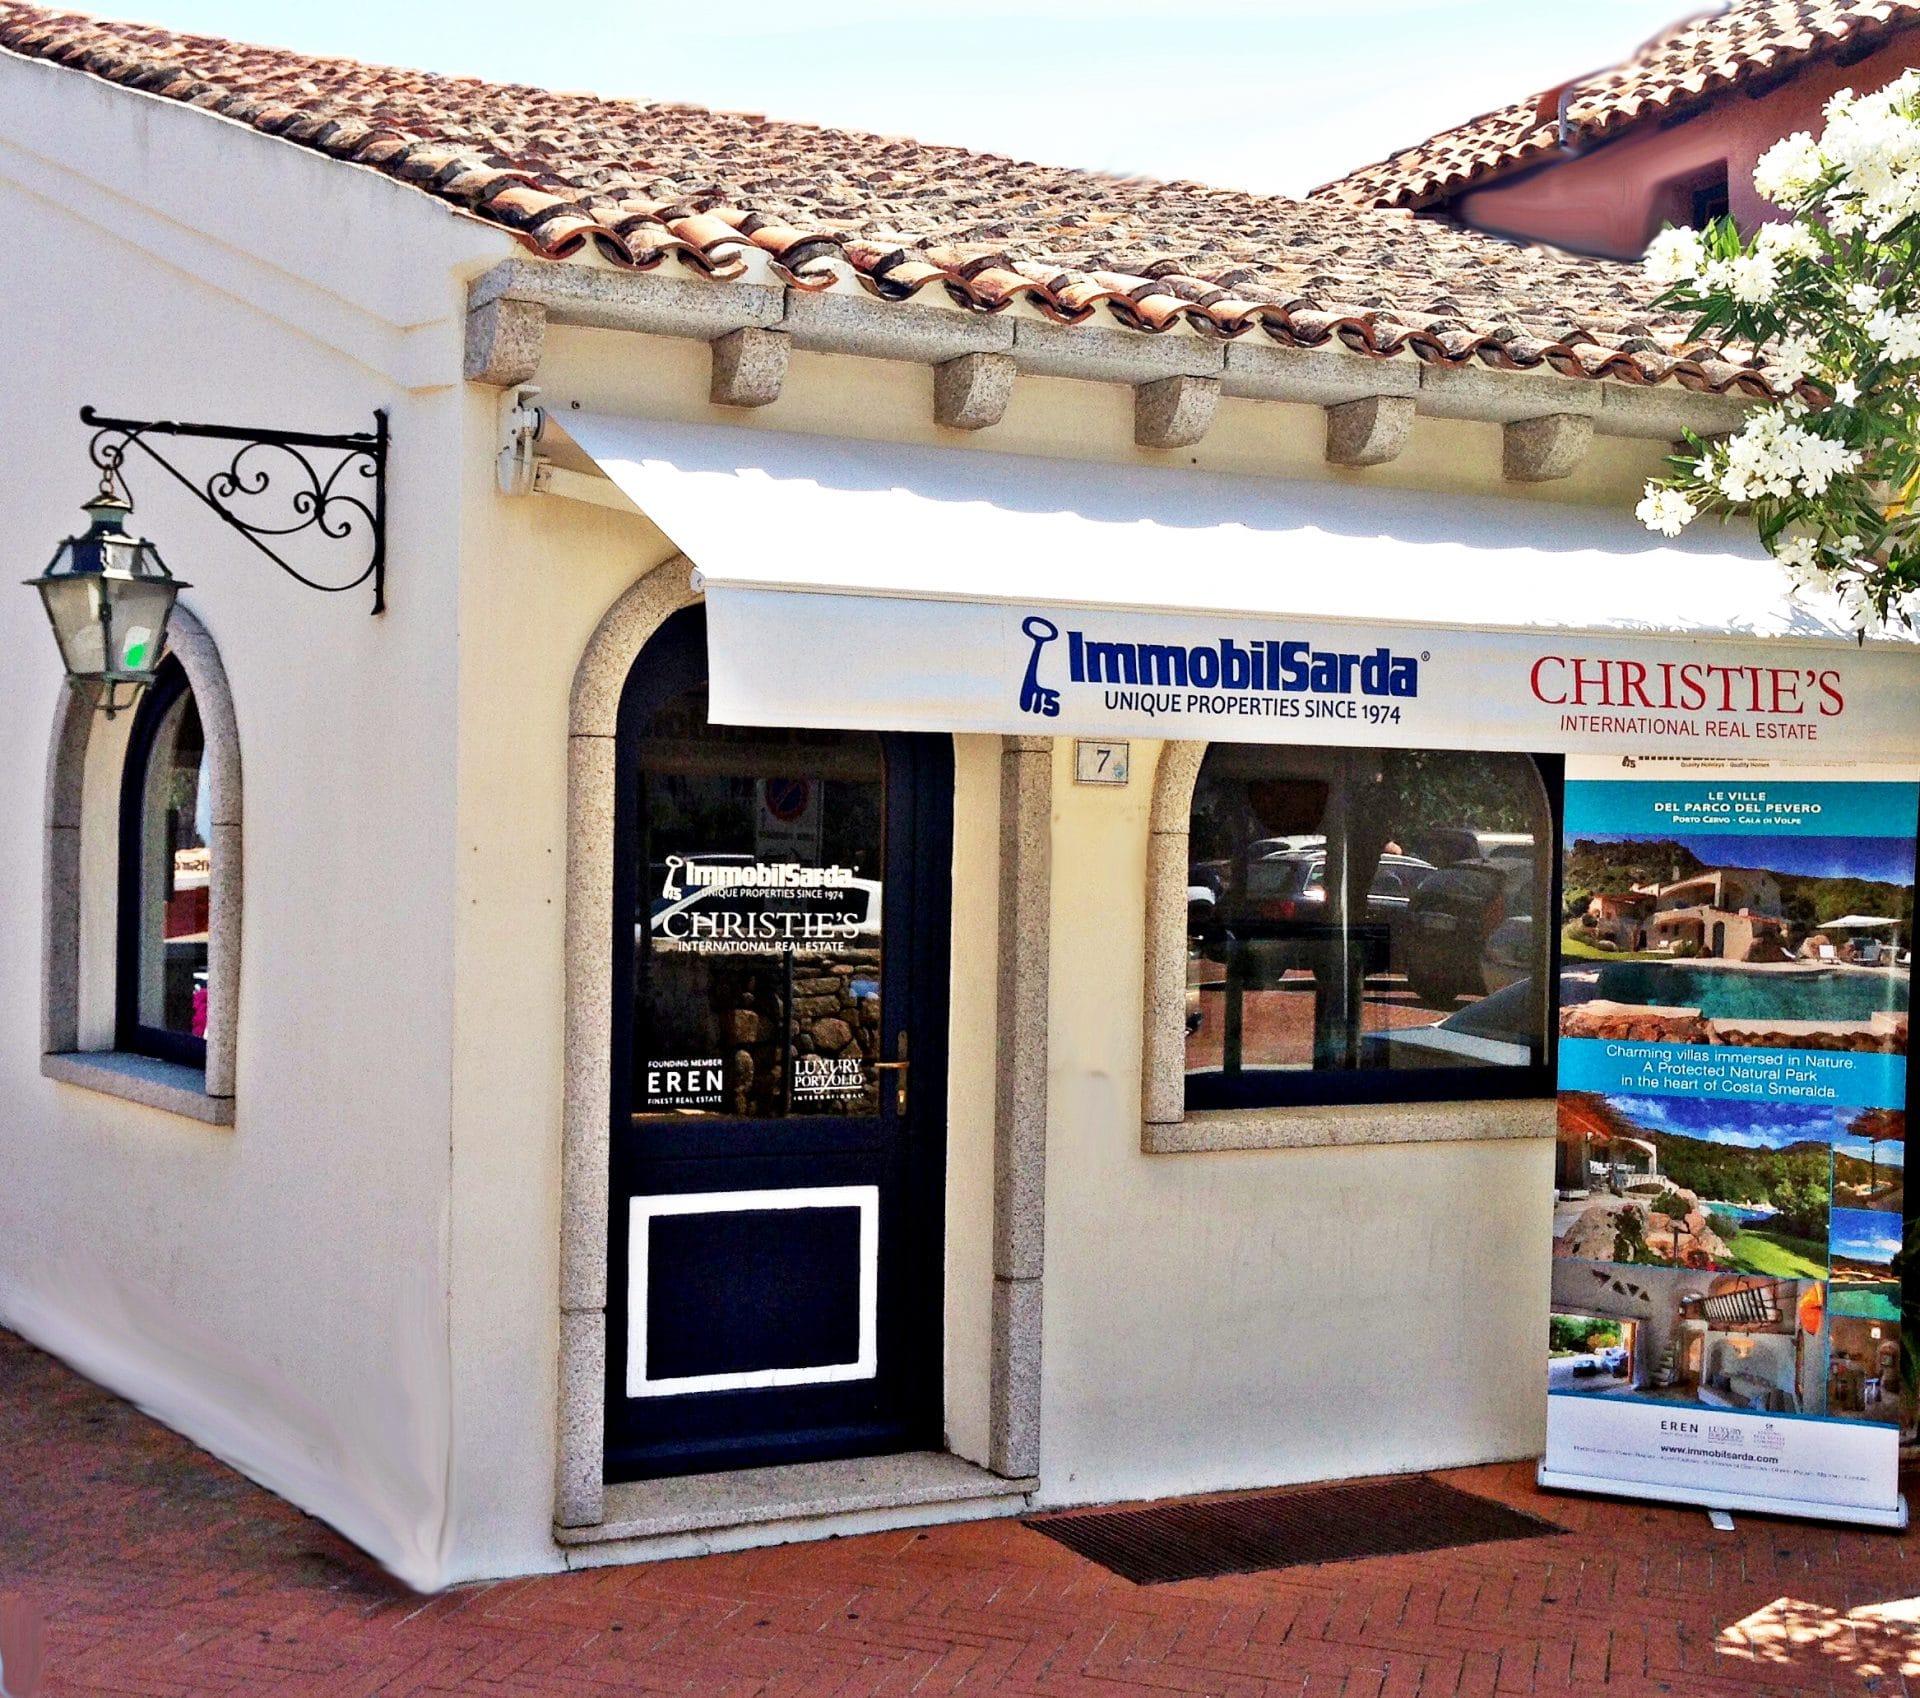 Immobilsarda inaugura il nuovo Ufficio di Porto Rotondo